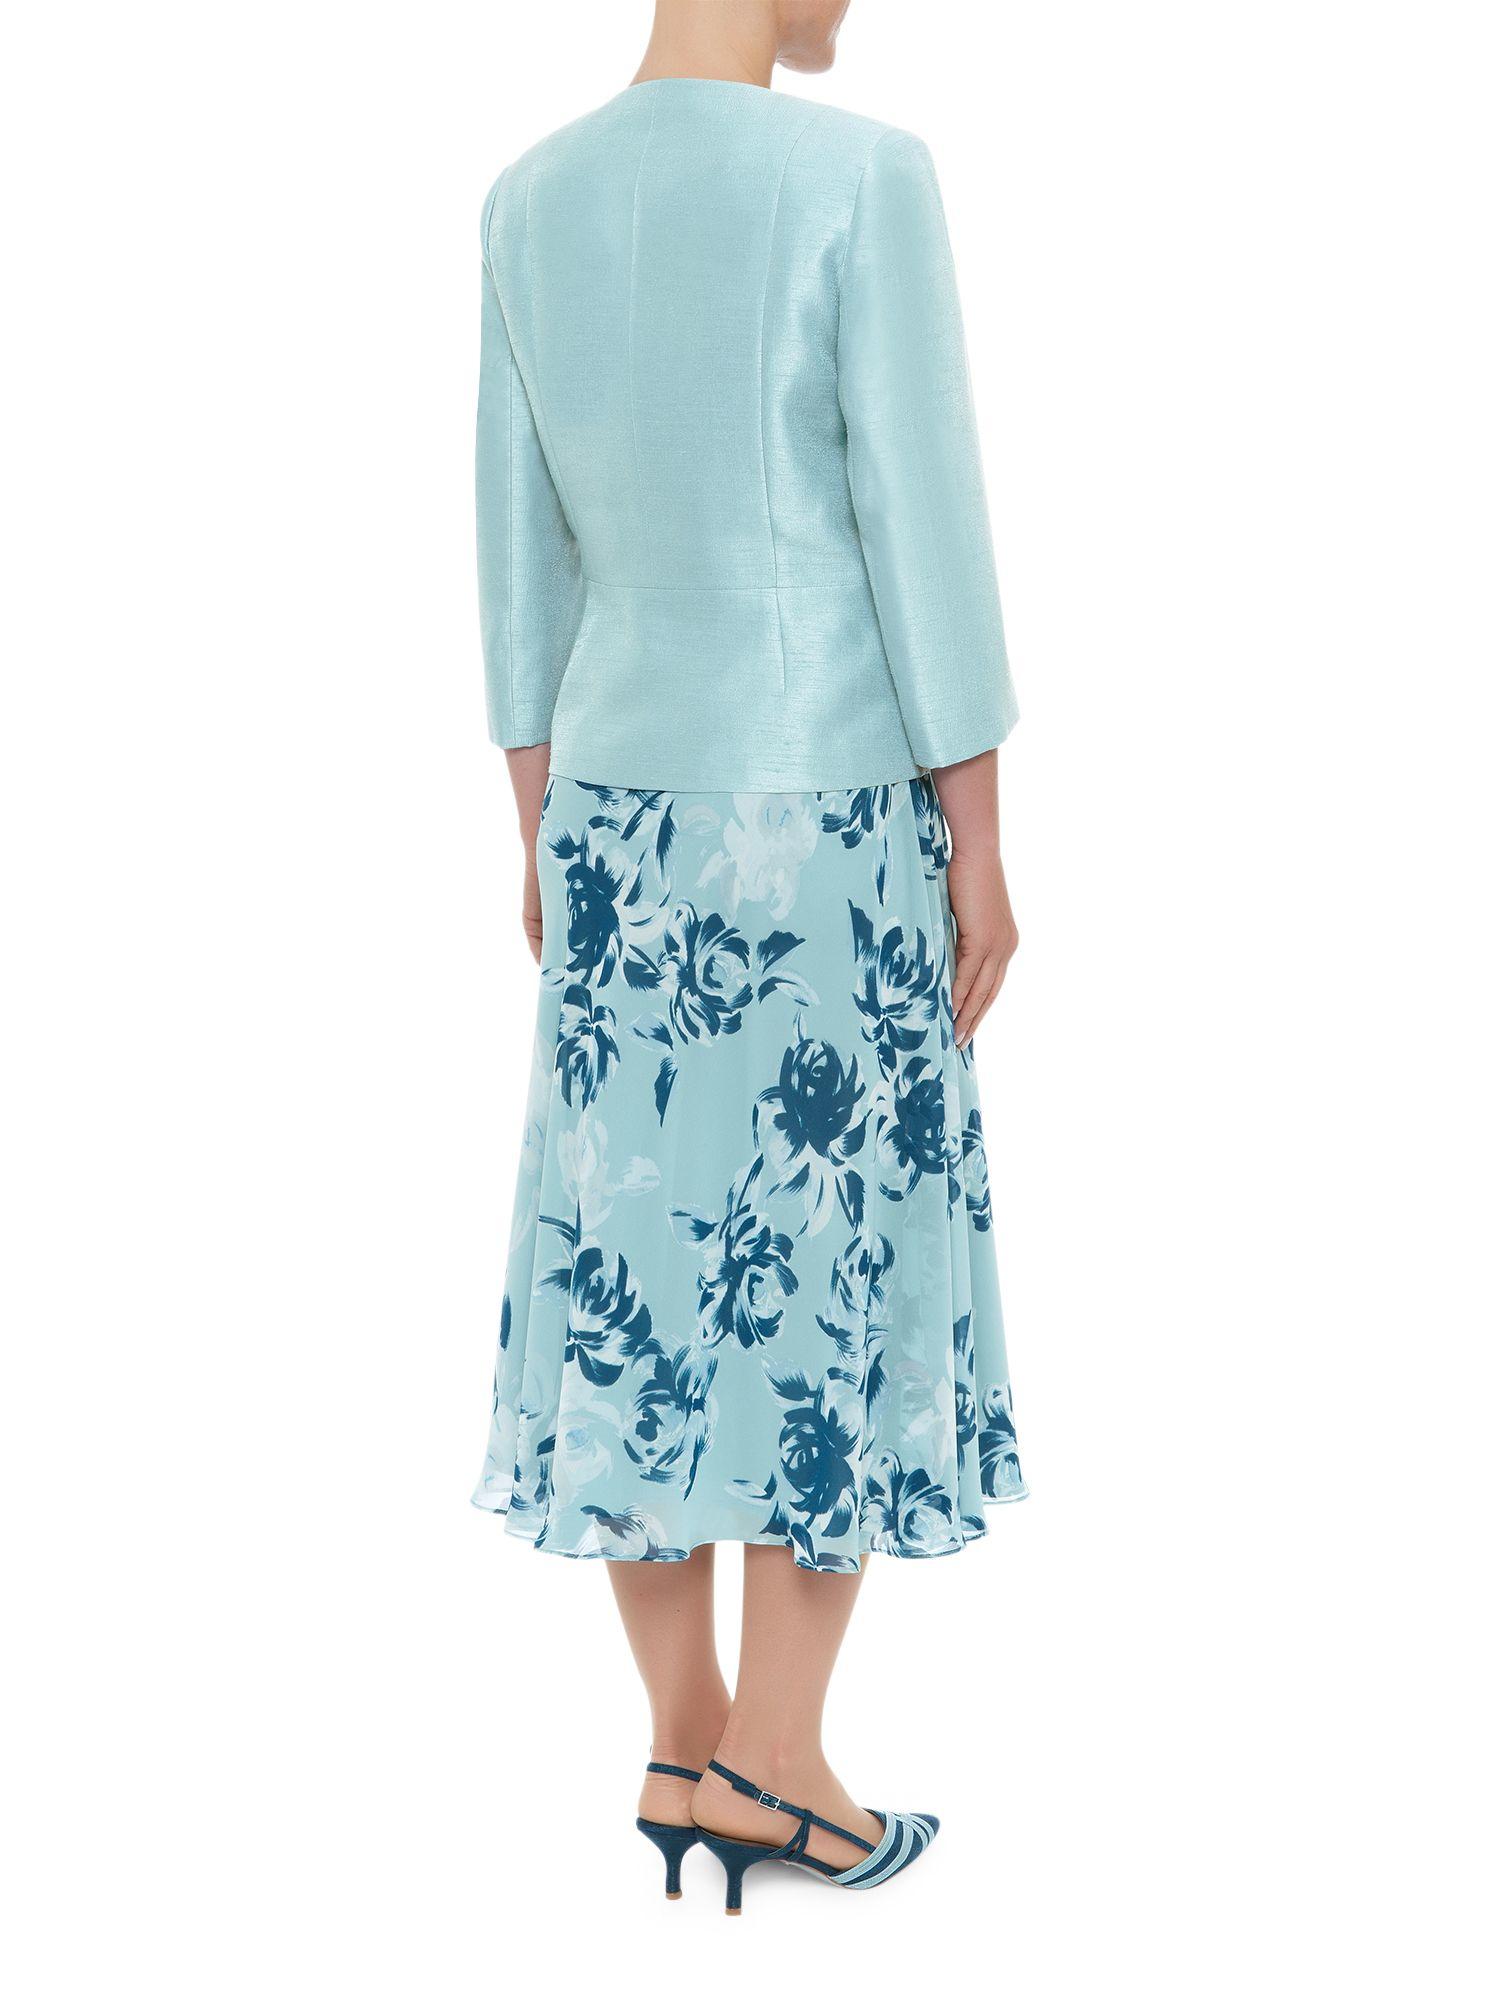 Plus Size Blue Jean Jacket